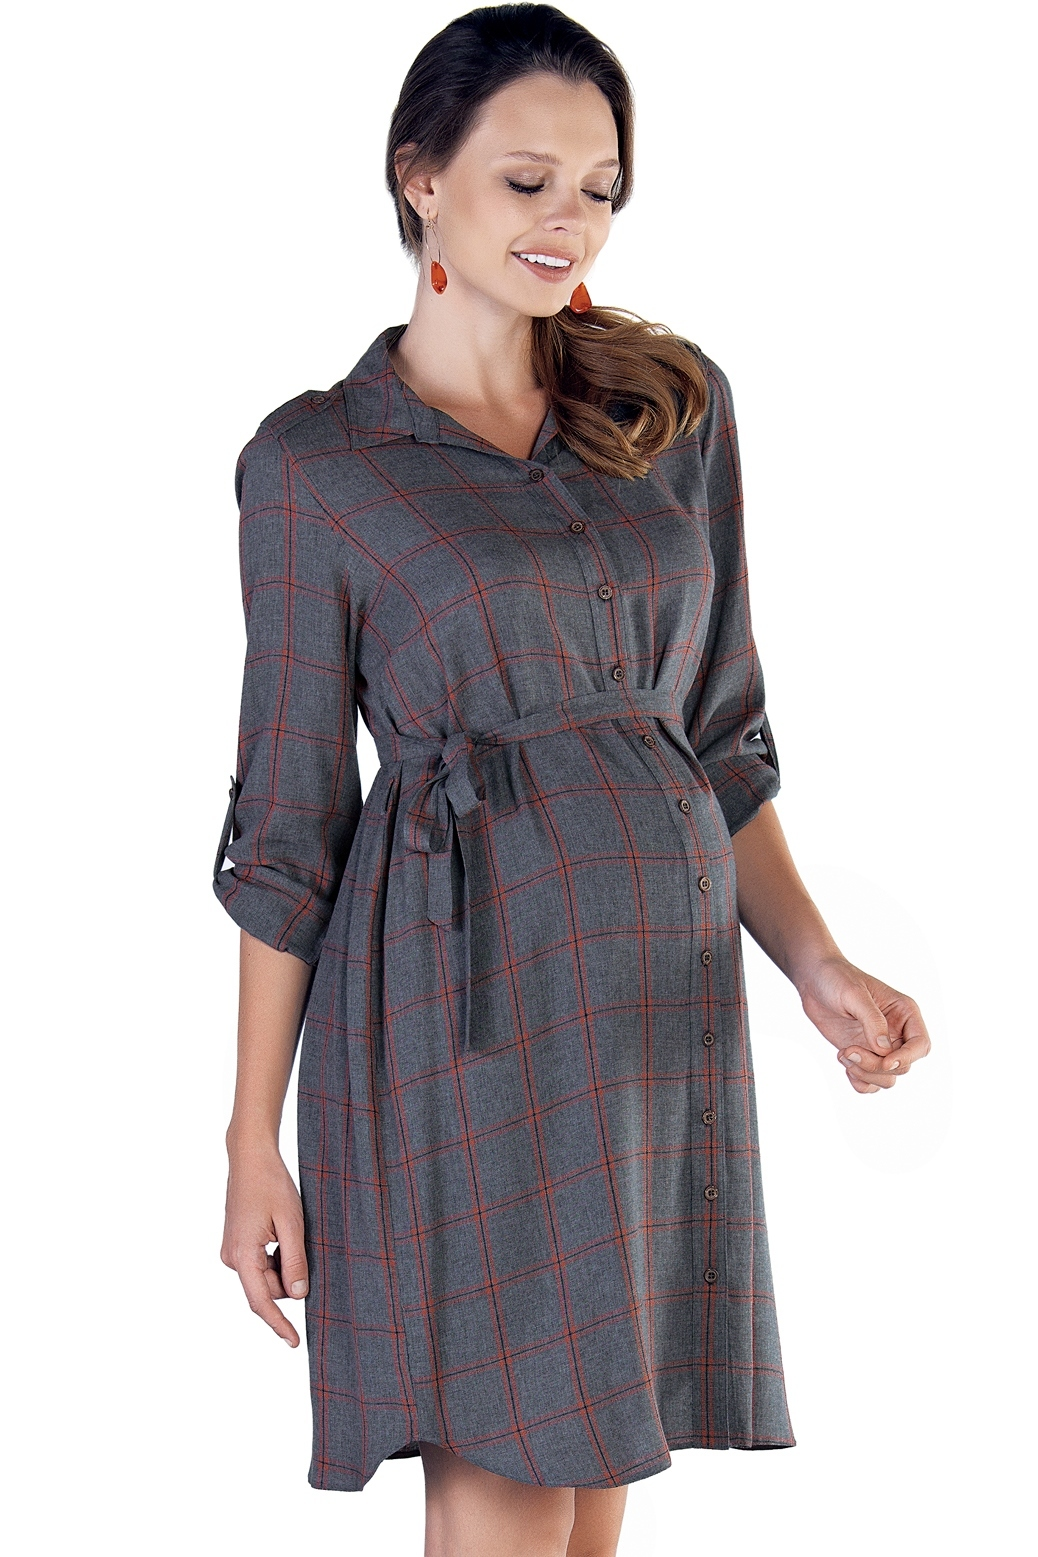 Фото платье-рубашка для беременных EBRU от магазина СкороМама, серый, оранжевый, размеры.